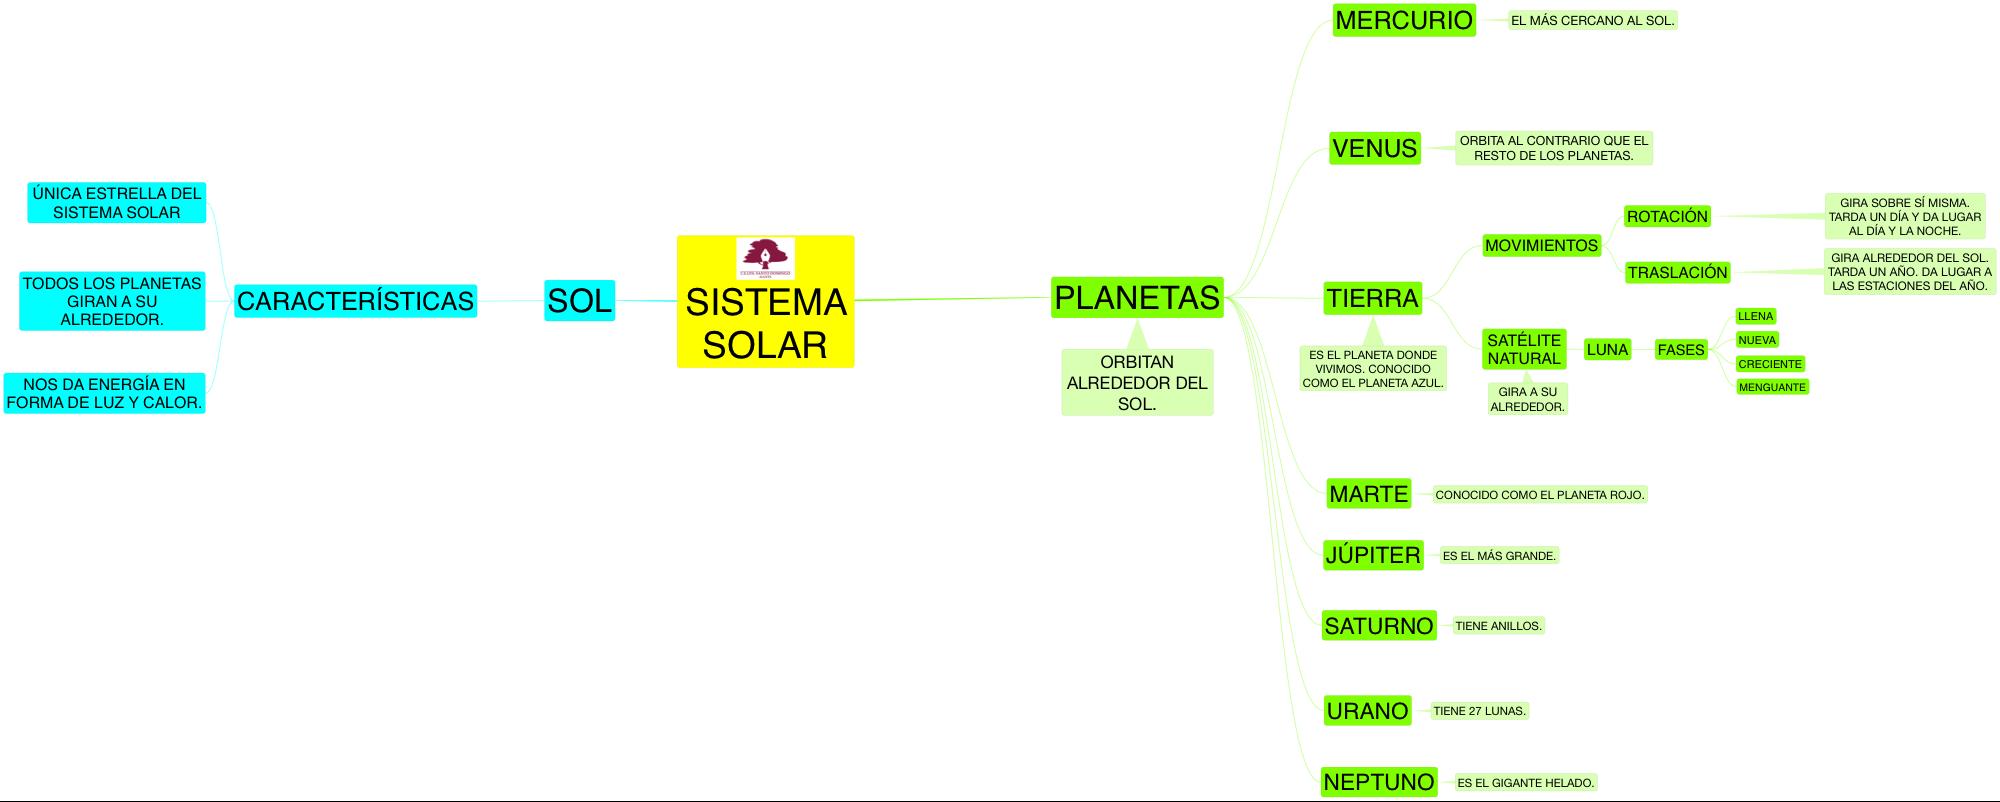 PROYECTO_MIRANDO AL CIERTO-SISTEMA SOLAR_04